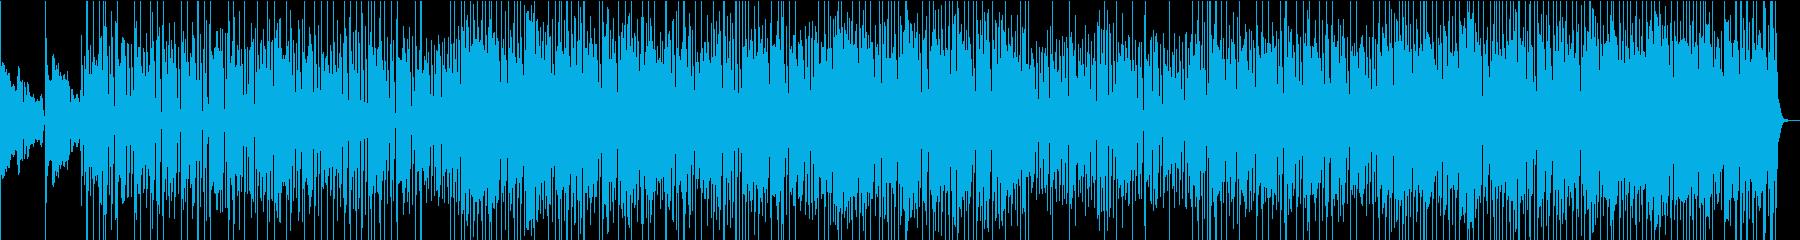 90年代アシッド・ジャズ的な曲の再生済みの波形